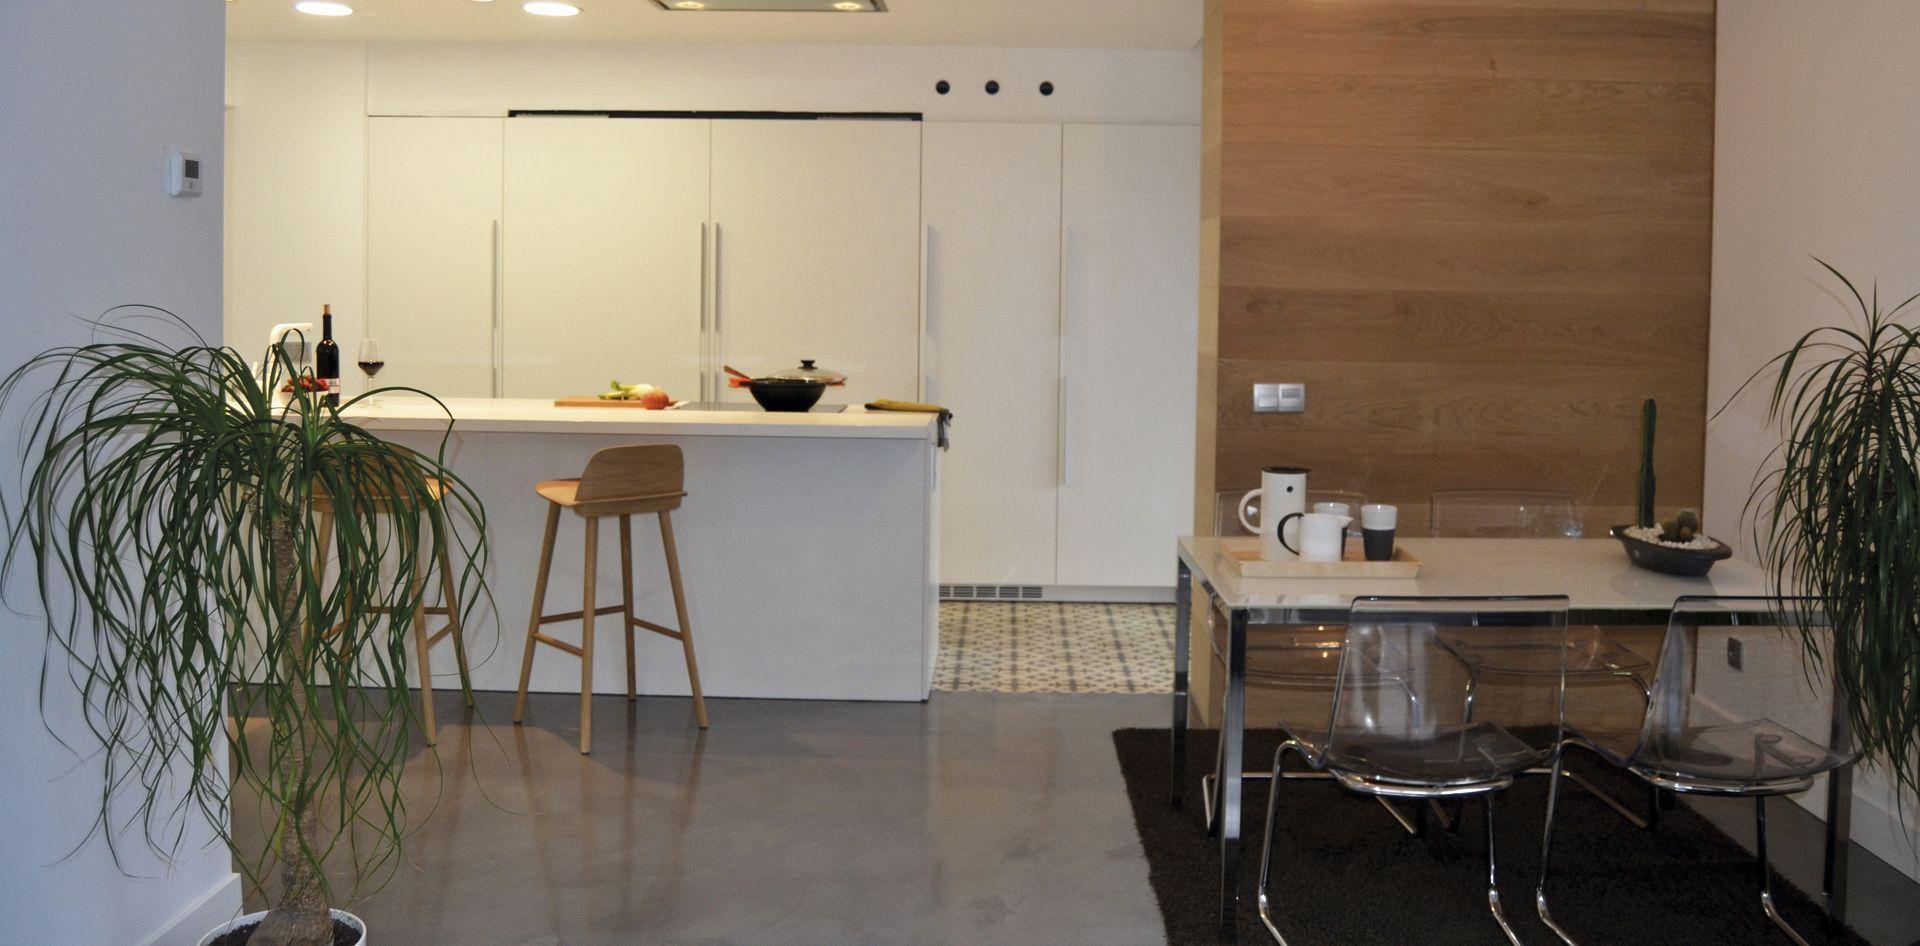 SANTOS kitchen | Cocina con isla diseño Line-E sin tirador de #cocinasSantos. La cocina cuenta con un mueble coplanar. Proyecto realizado por Santos Tolosa